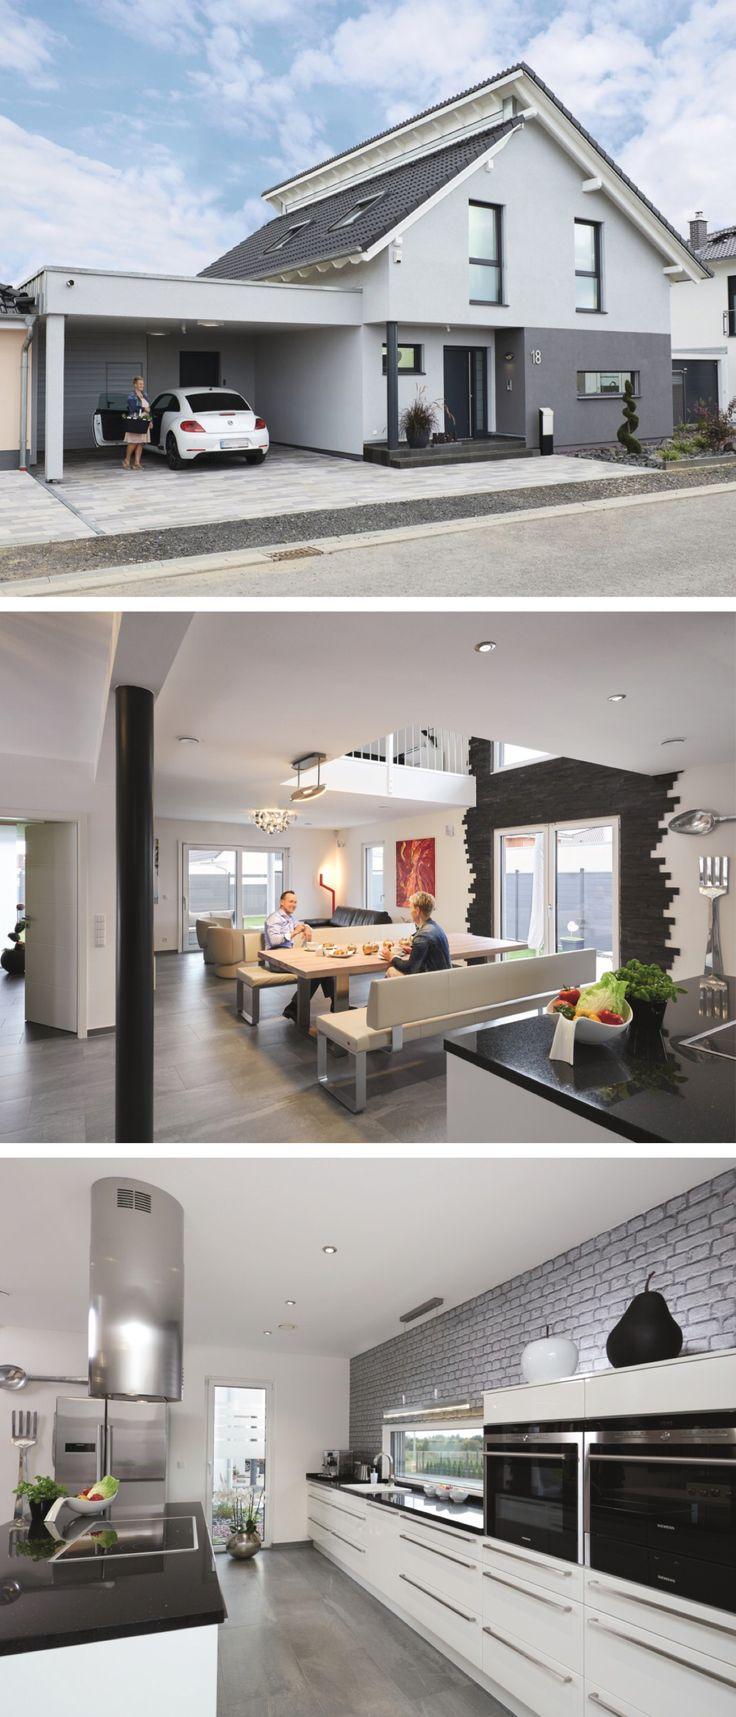 Modernes Pultdach-Haus mit Galerie und Carport - Einfamilienhaus Generation 5.5 WeberHaus Fertighaus - HausbauDirekt.de